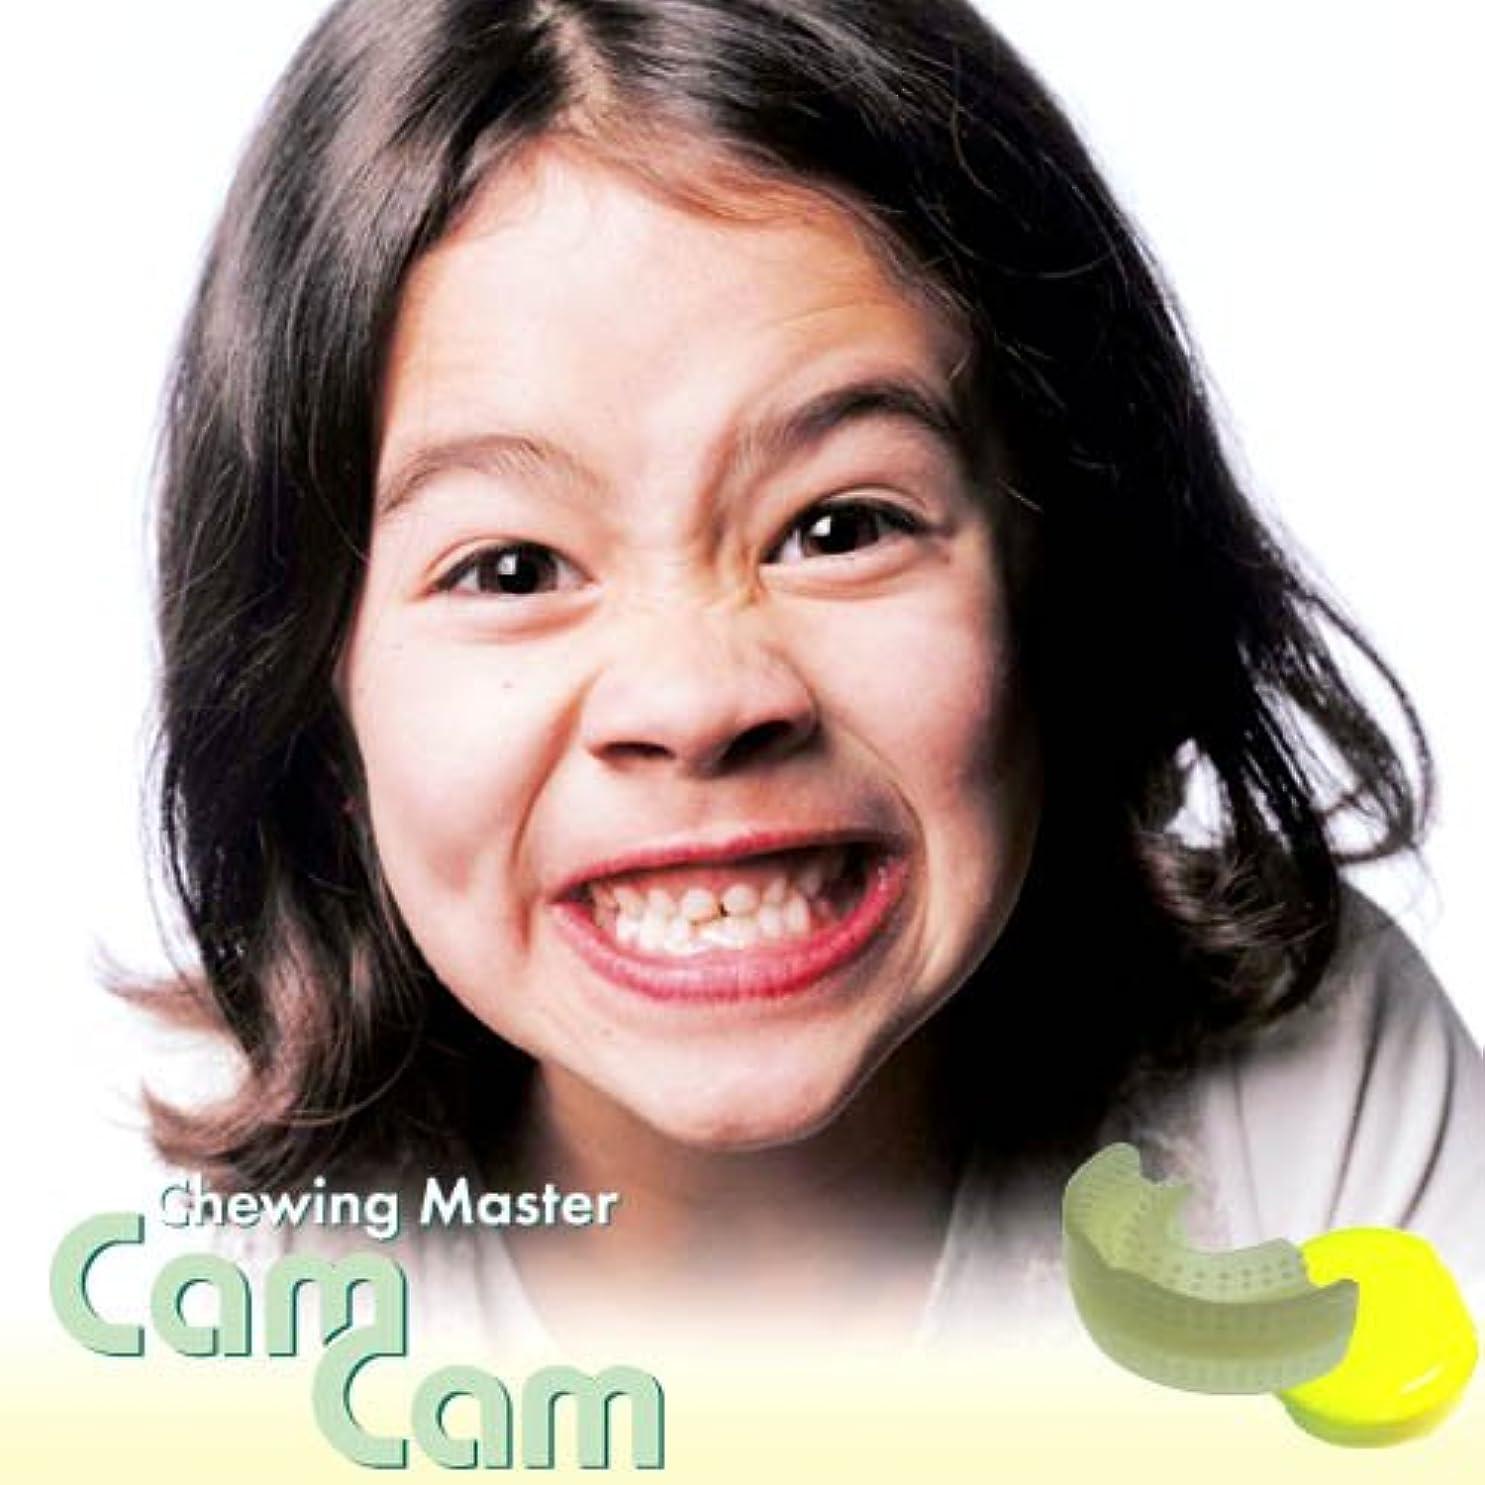 分離二年生ロック歯科医師開発 口腔筋機能トレーニングマウスピース【CamCam ST】カムカム (イエロー) 乳歯列期から混合歯列期用